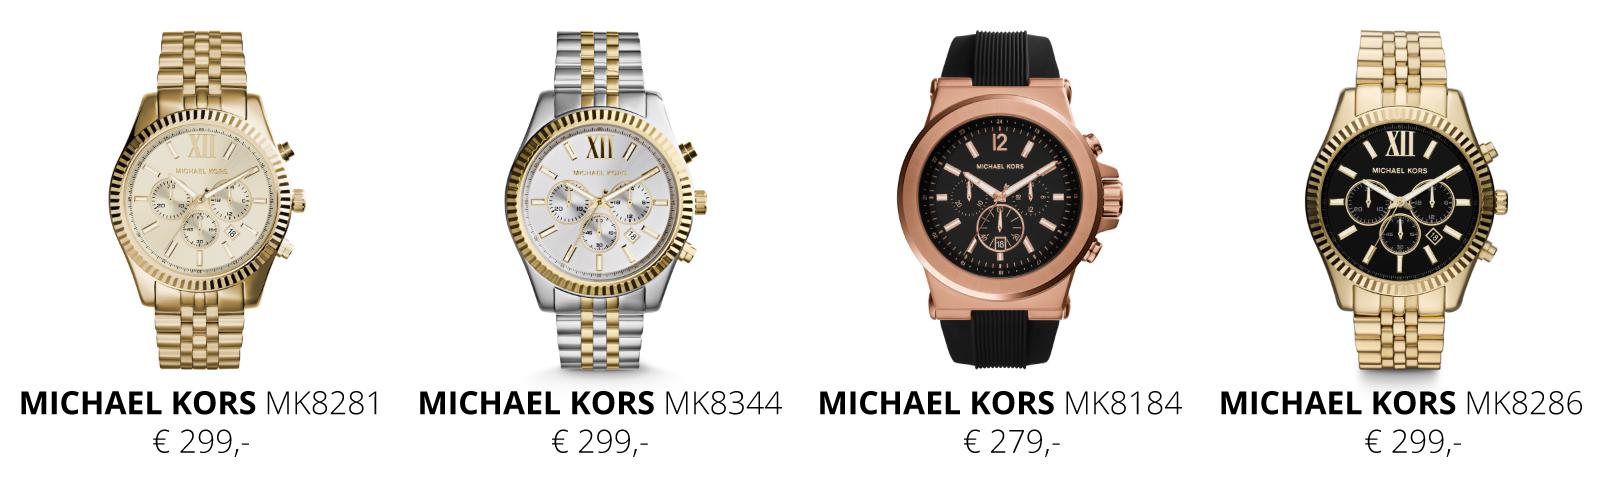 Michael-kors-herenhorloge-mk8281,-mk8344,-mk8286,-mk-8184-shoppen-bij-Wolterss-Juweliers-Coevorden-Emmen